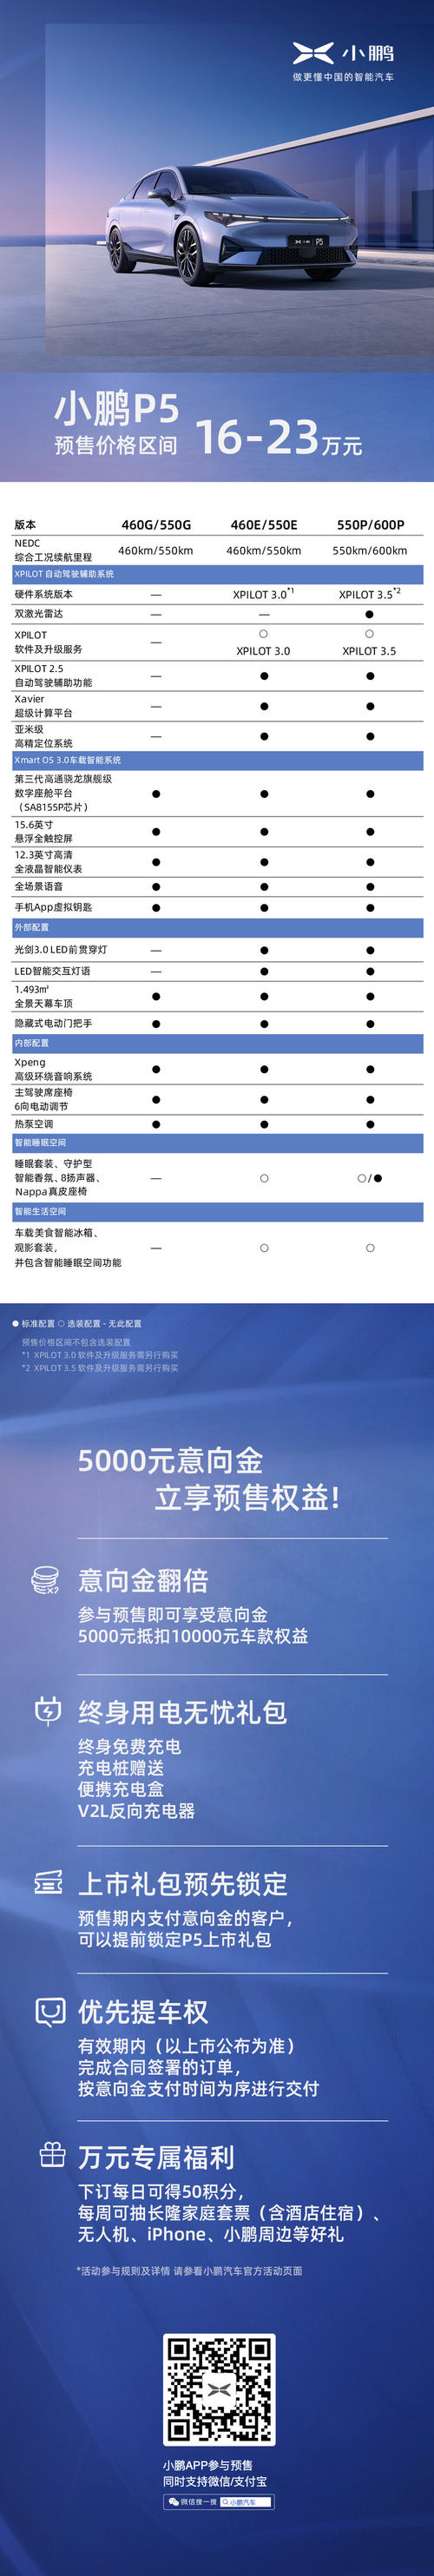 小鹏P5正式开启预售:16万至23万元